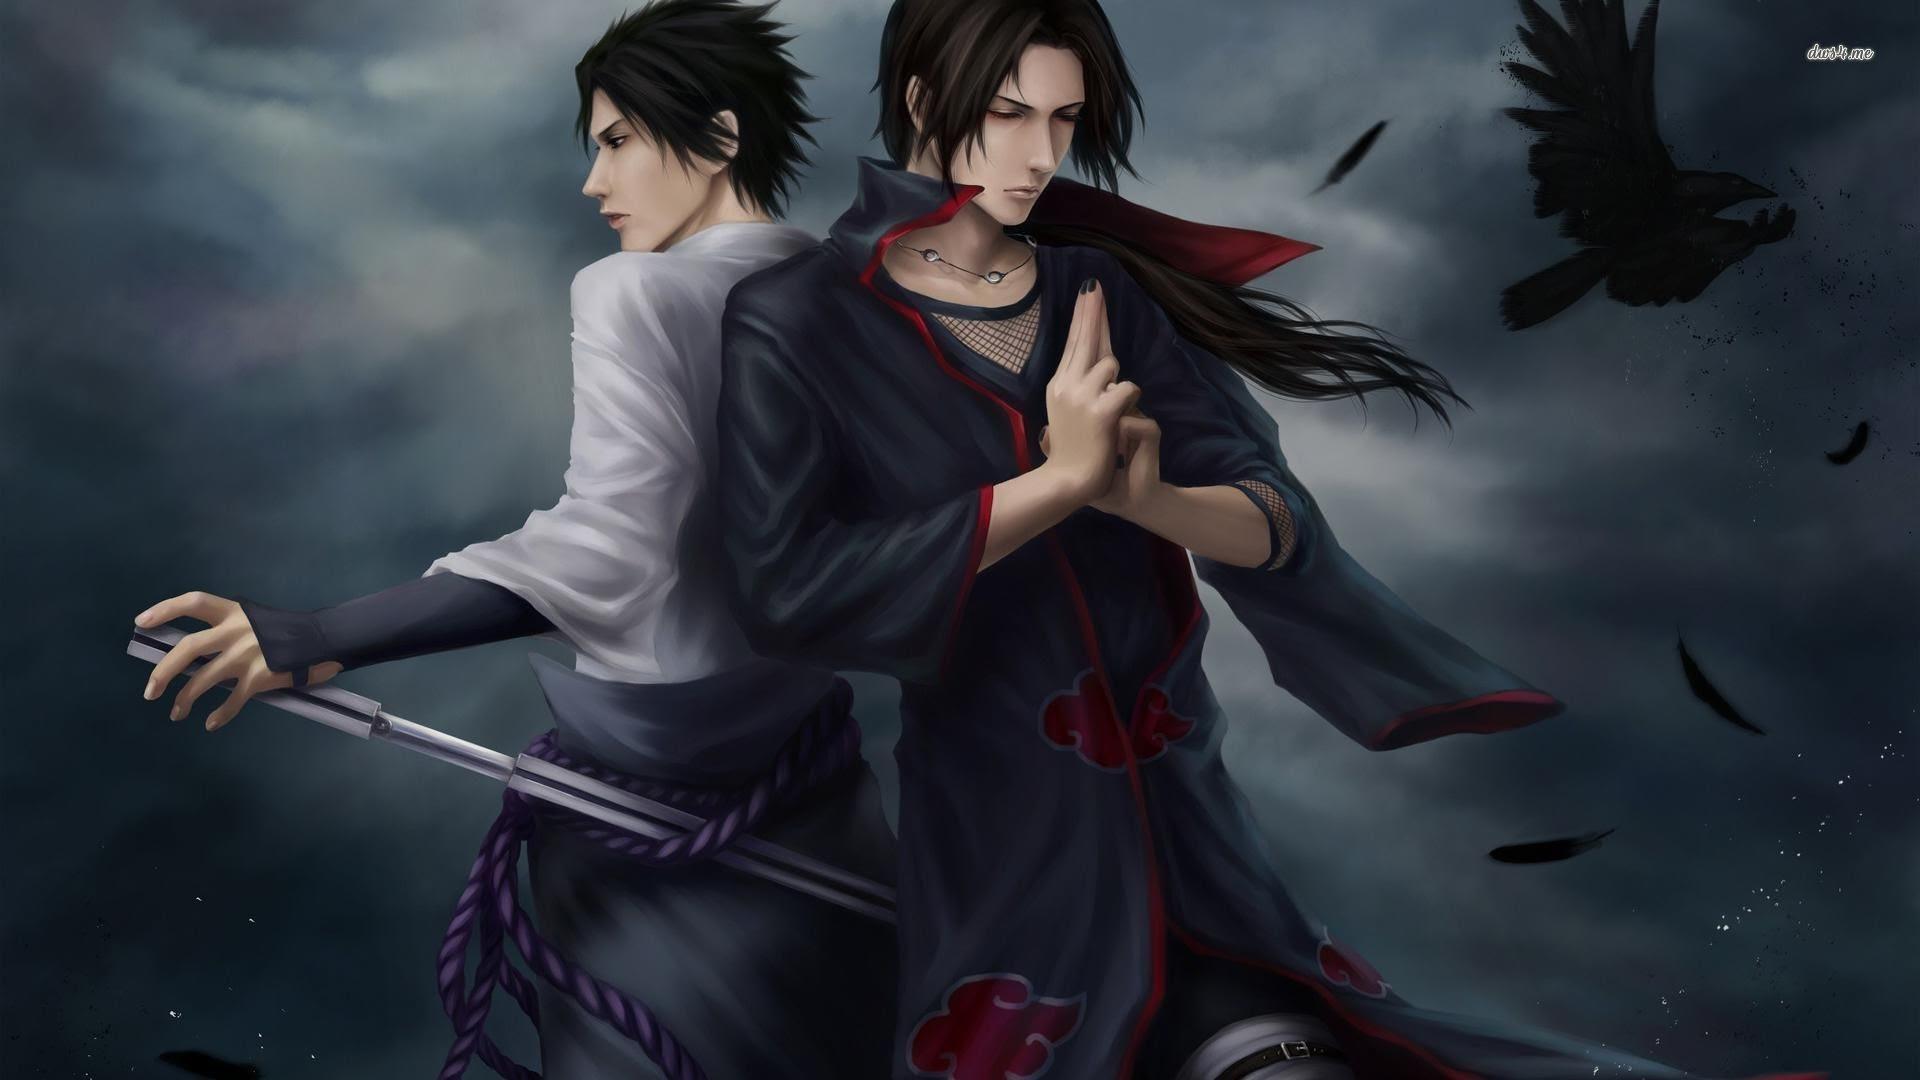 Sasuke Uchiha HD Wallpaper (64+ images)